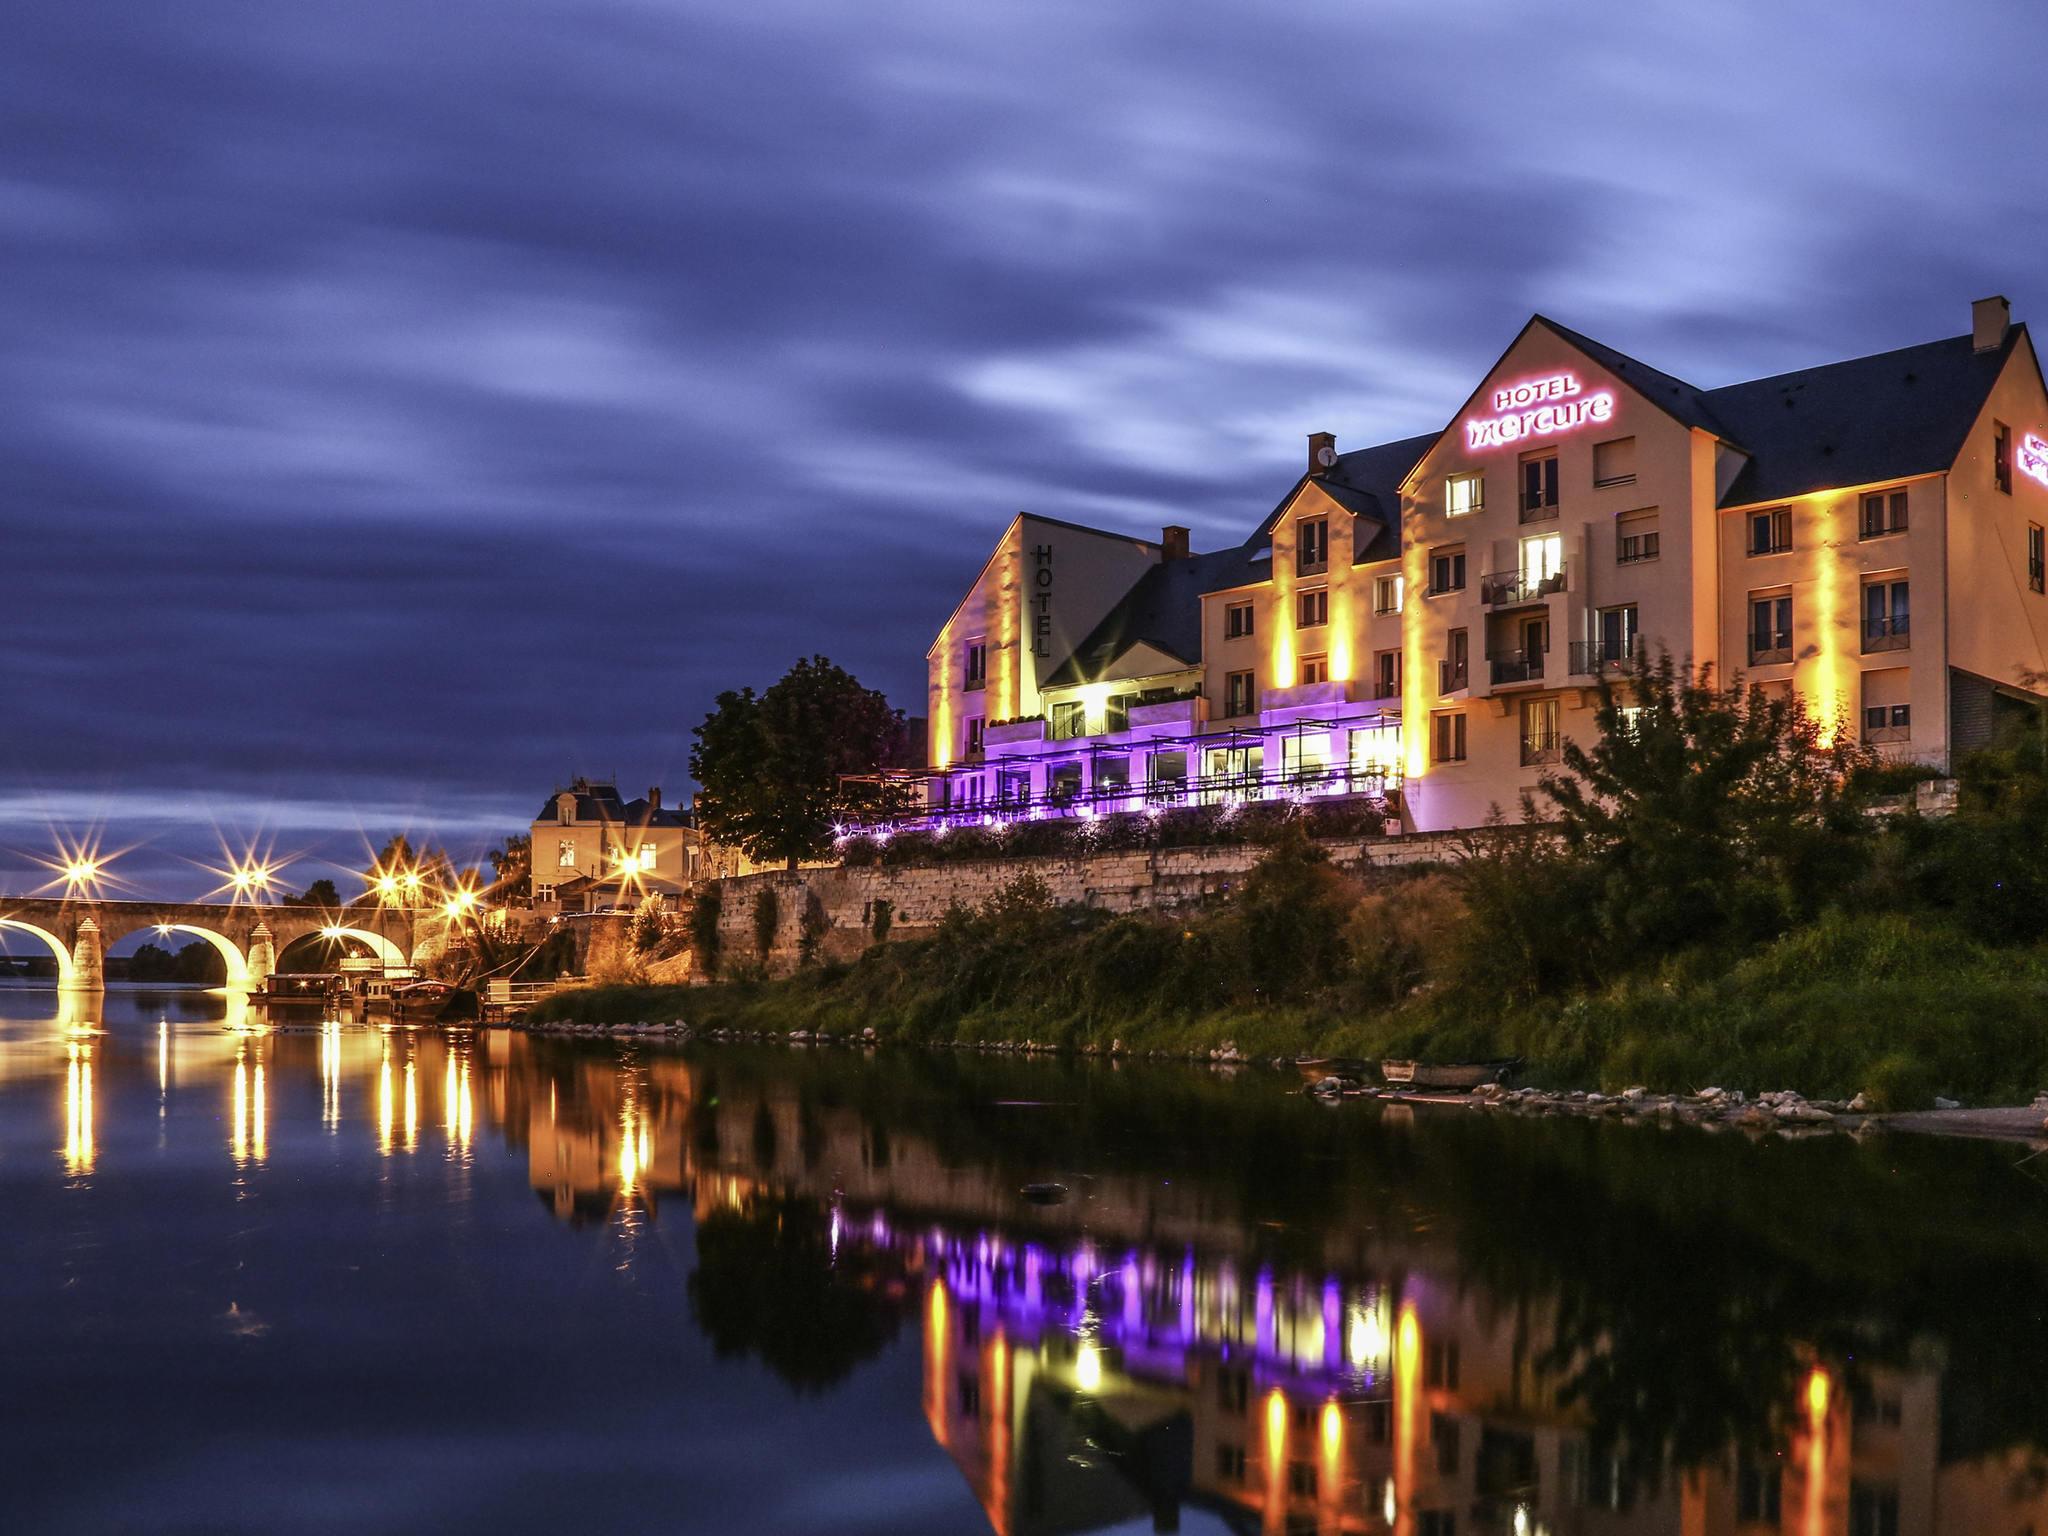 Hotell – Hôtel Mercure Bords de Loire Saumur